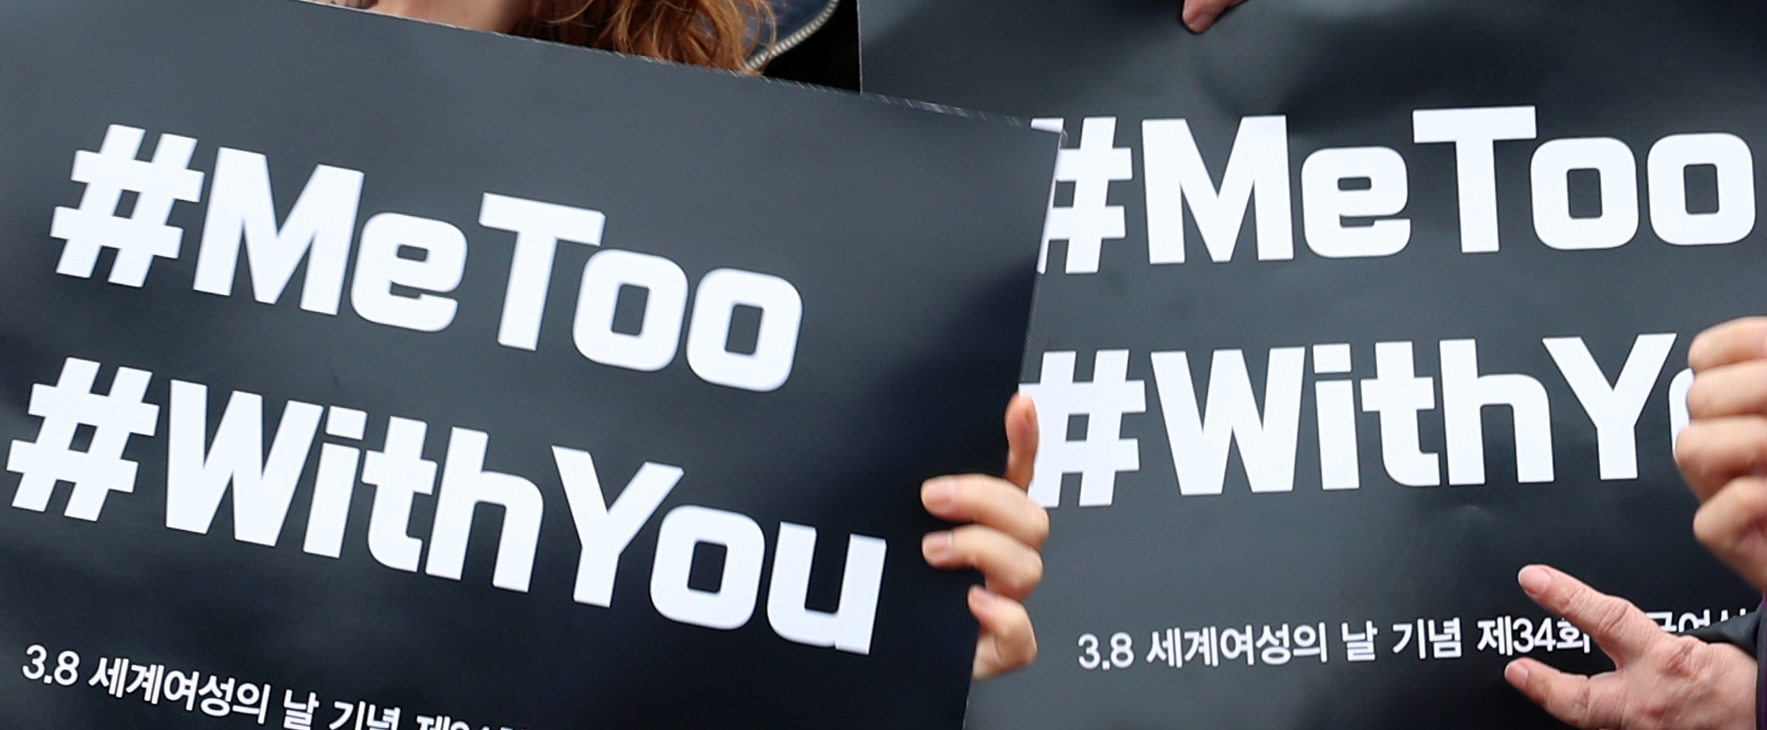 지난 3월 '세계여성의 날 기념 제34회 한국여성대회'에서 참가자들이 '#MeToo'#WithYou' 구호가 적힌 손팻말을 들고 있다. [연합뉴스]